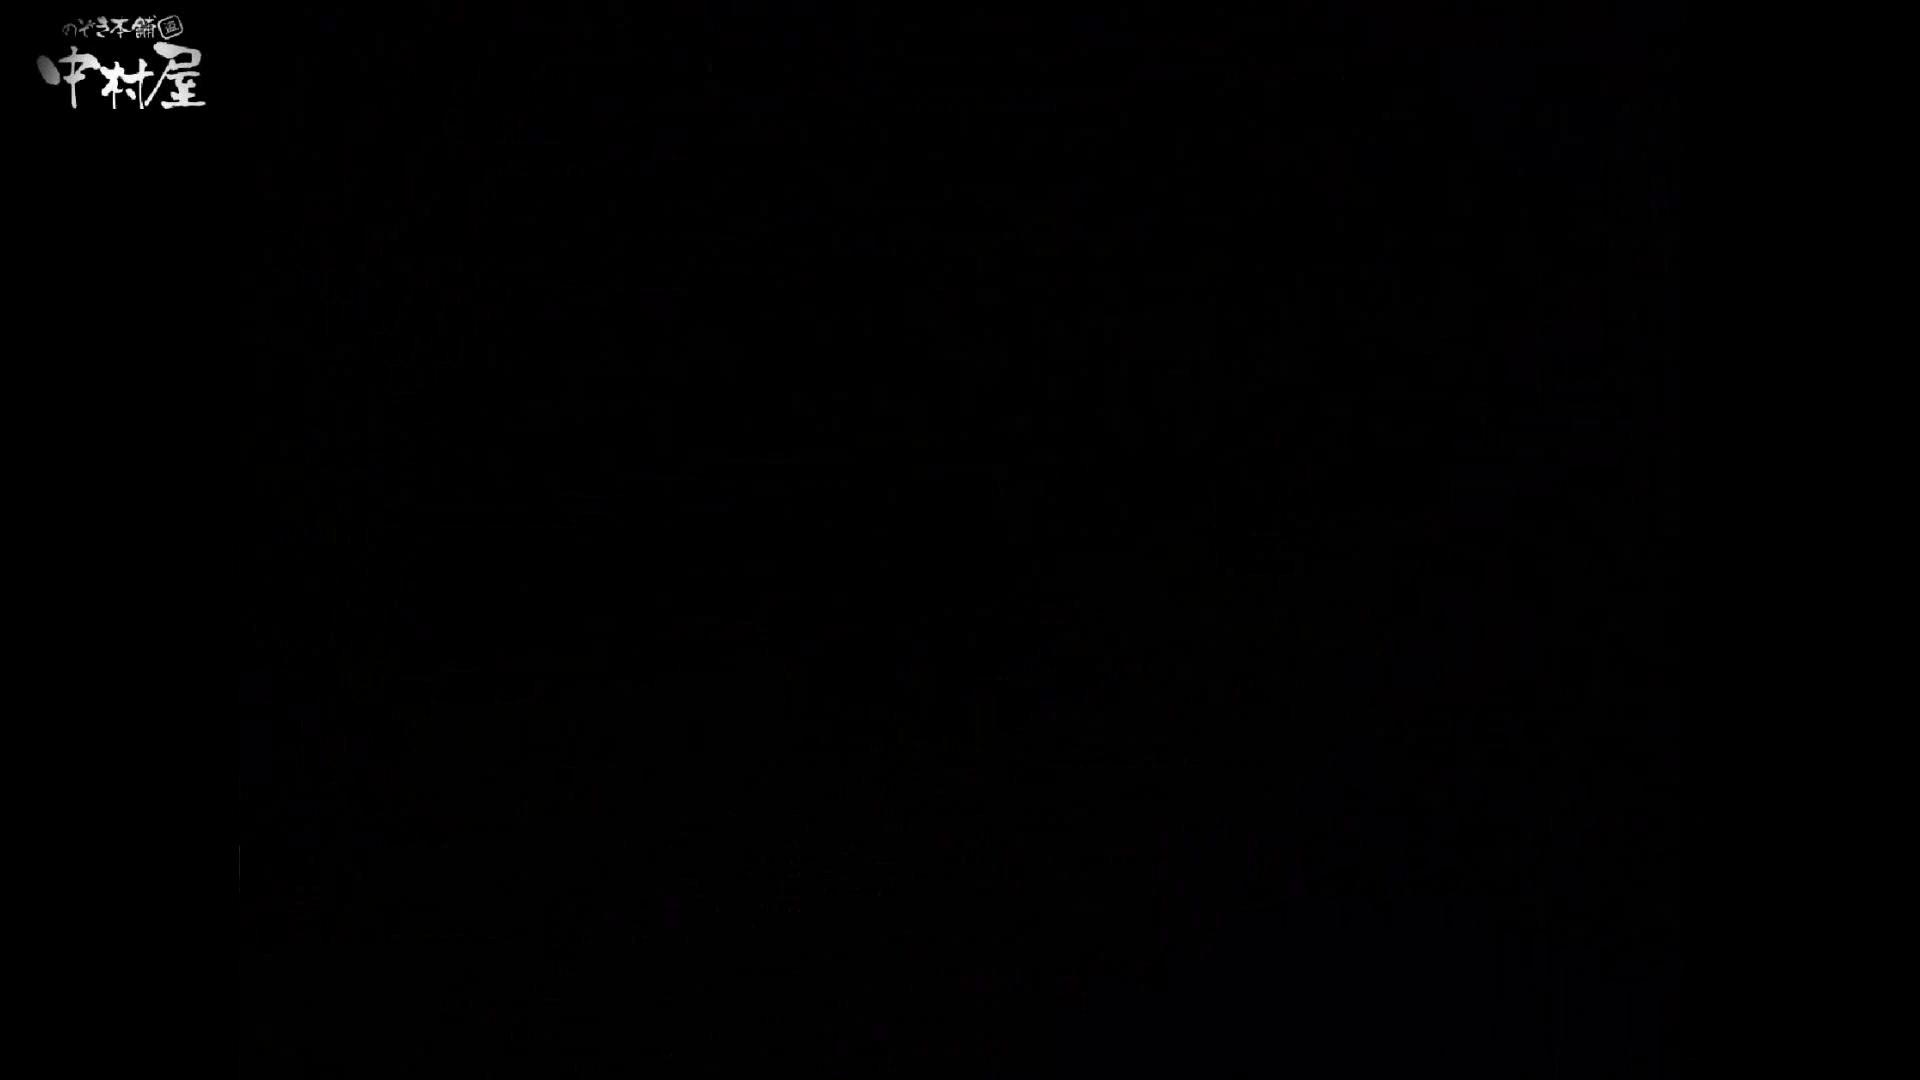 民家風呂専門盗撮師の超危険映像 vol.018 盗撮 ヌード画像 97連発 21